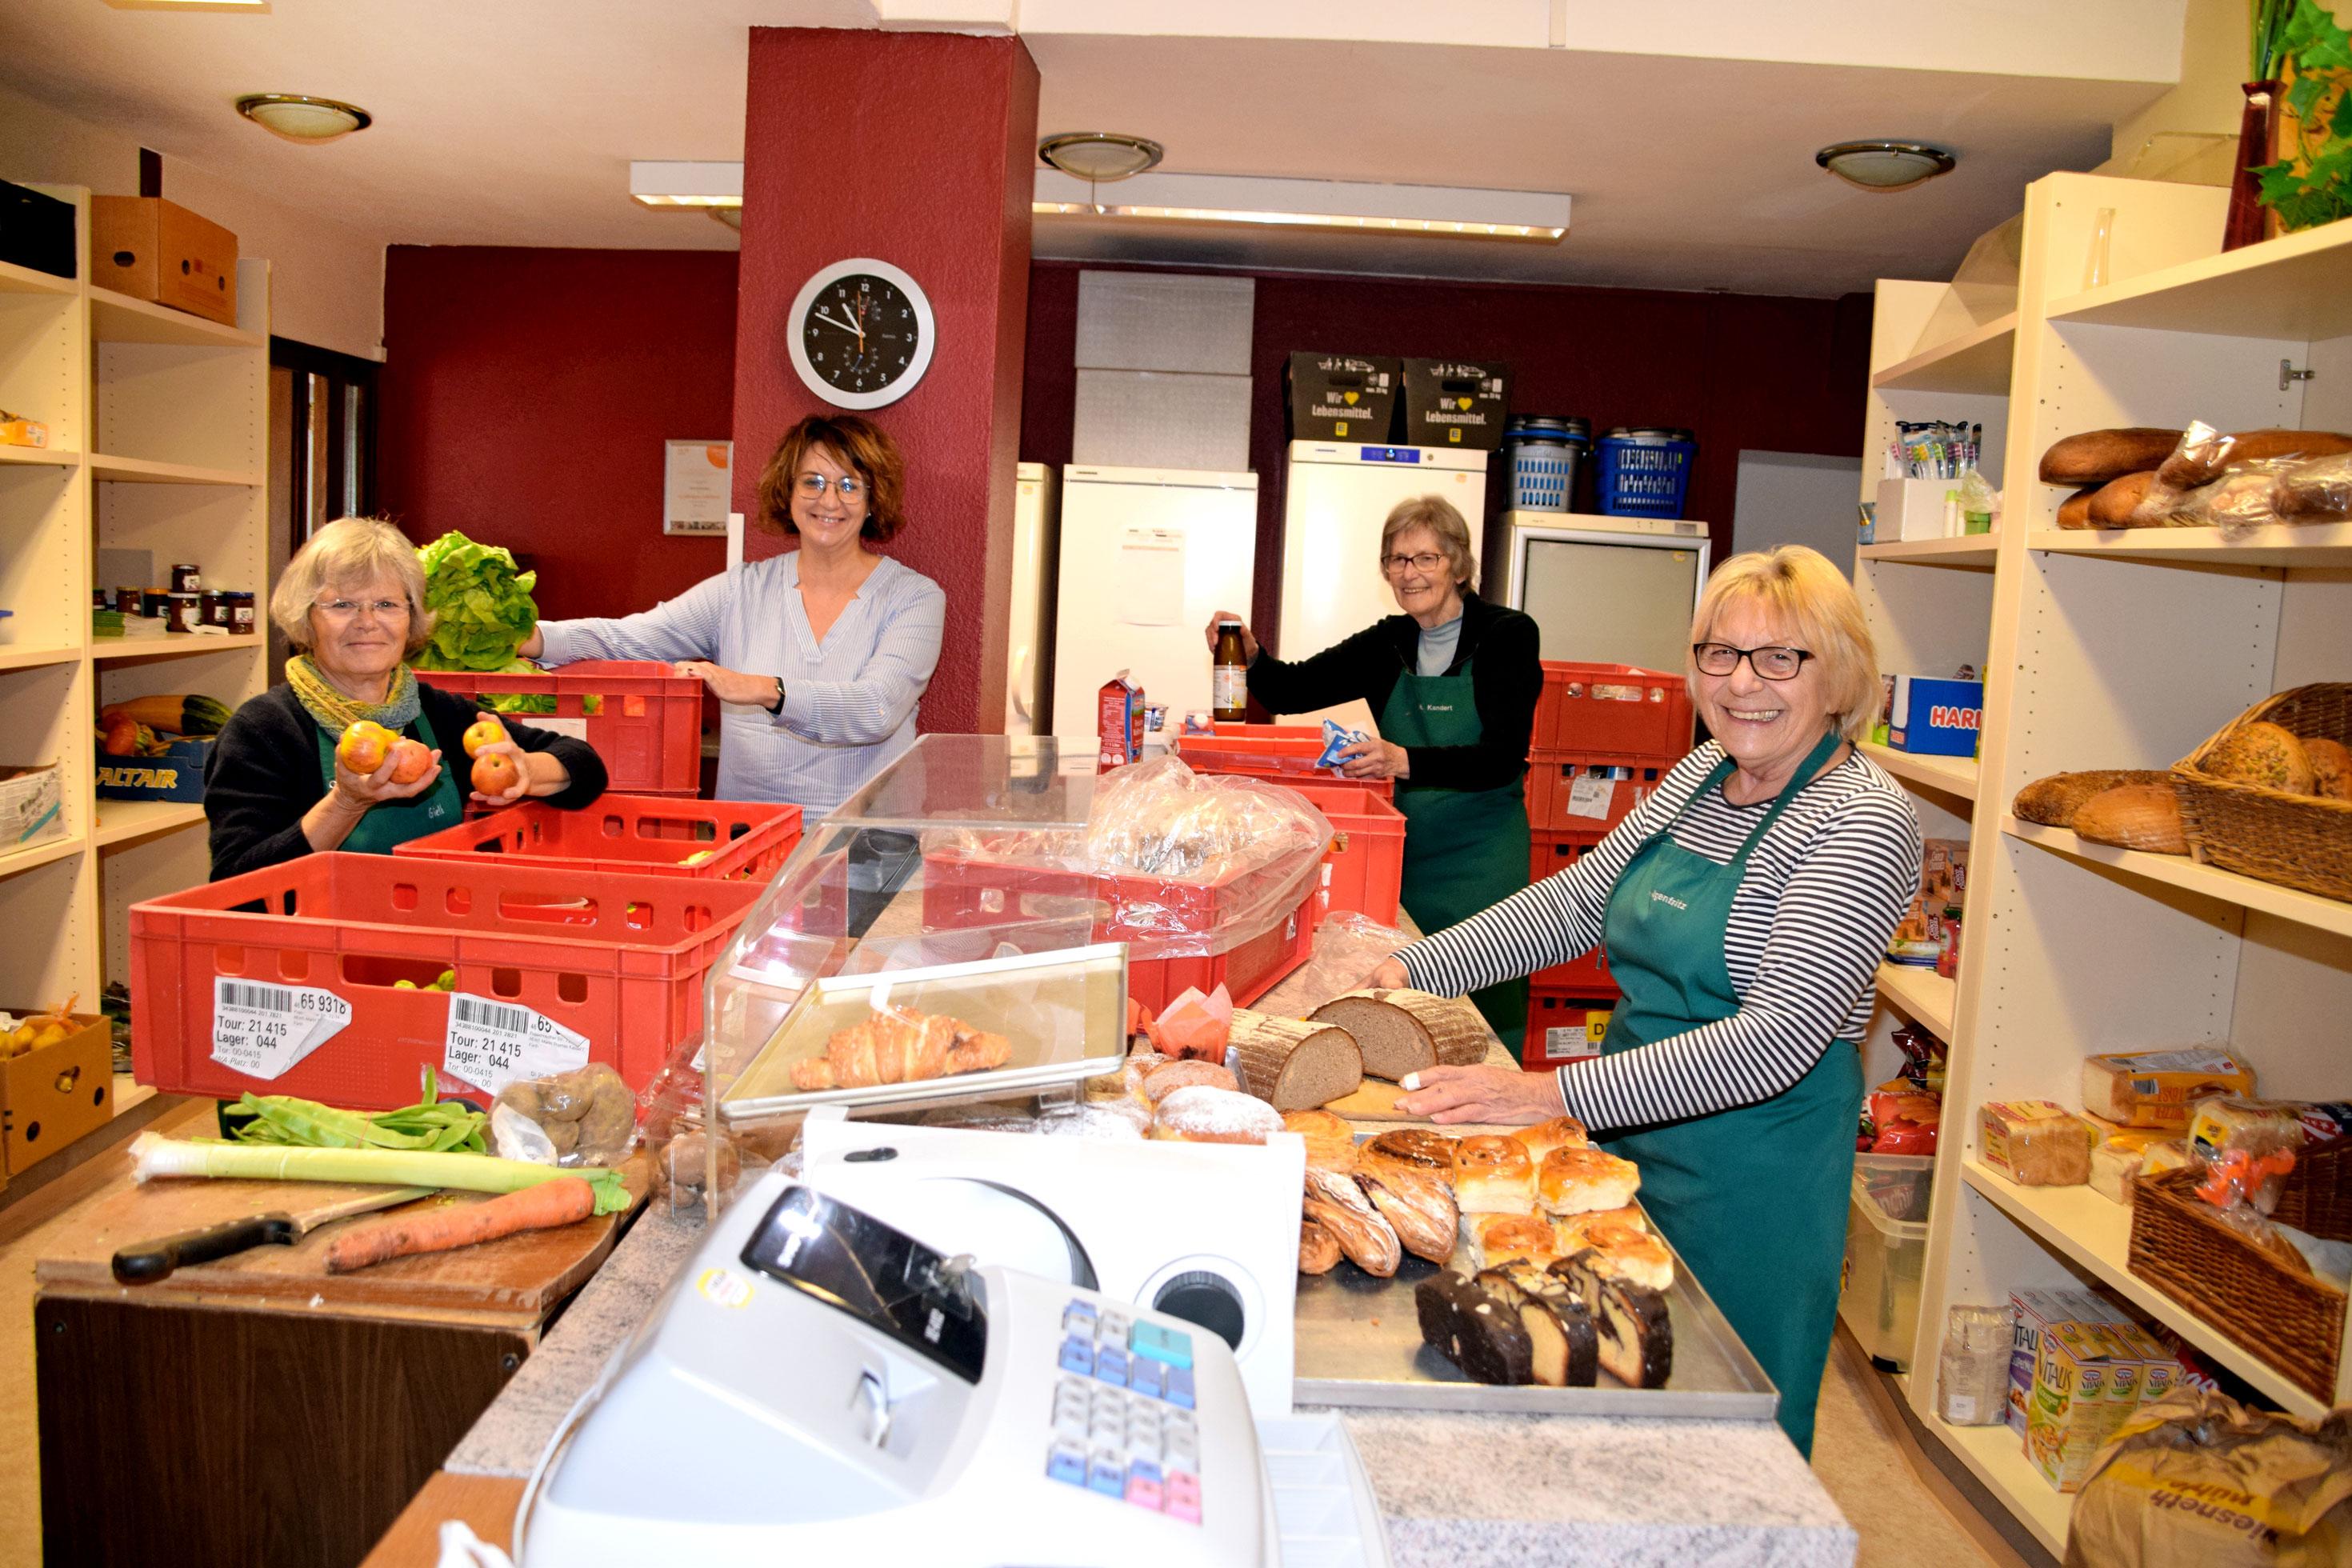 Jeden Freitag füllen sich die Regale der Rothenburger Tafel mit Lebensmittelspenden.Foto: ul